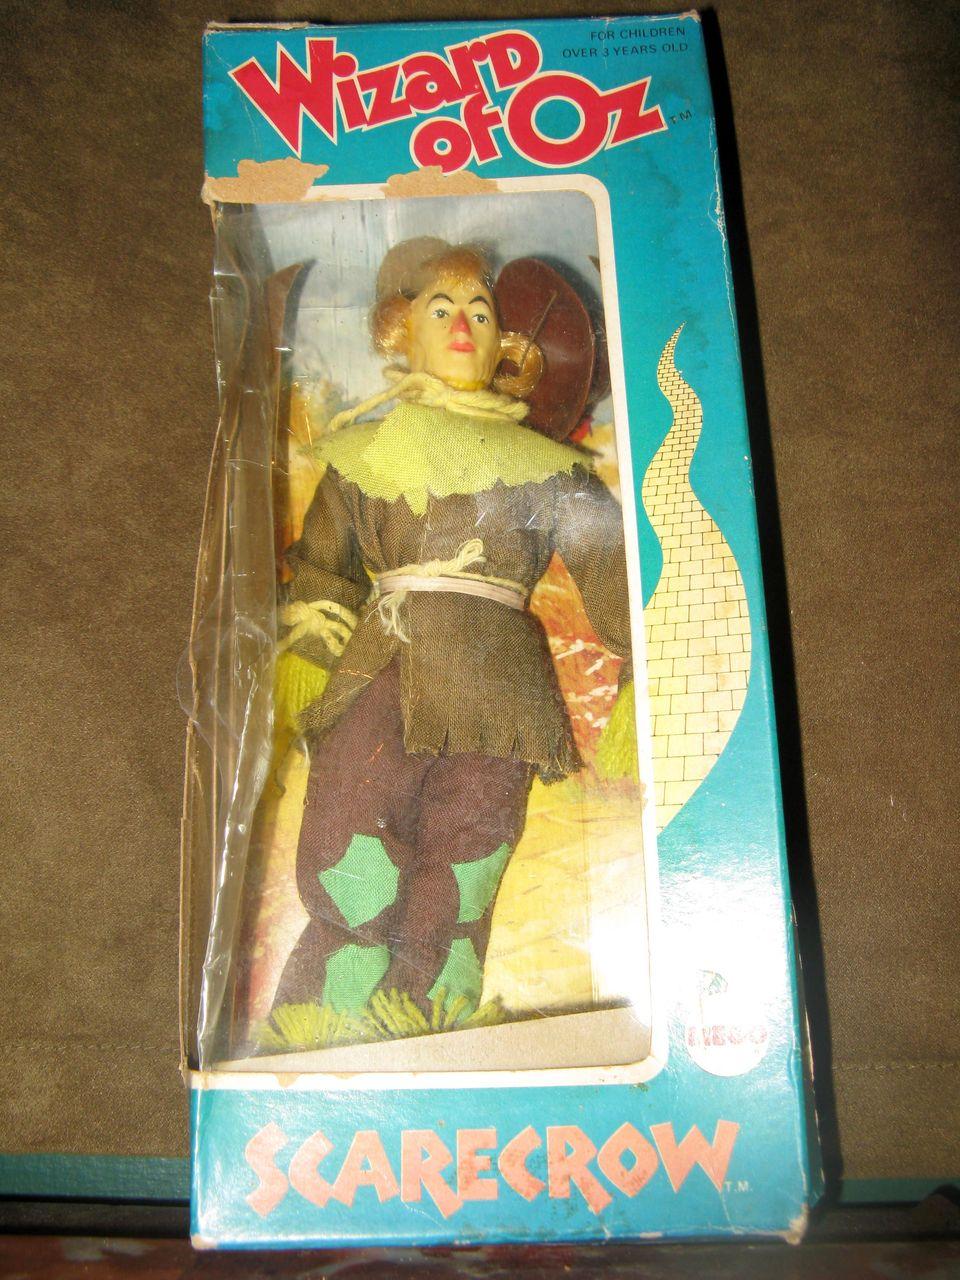 1974 MEGO Scarecrow 8 Inch Wizard of Oz Doll